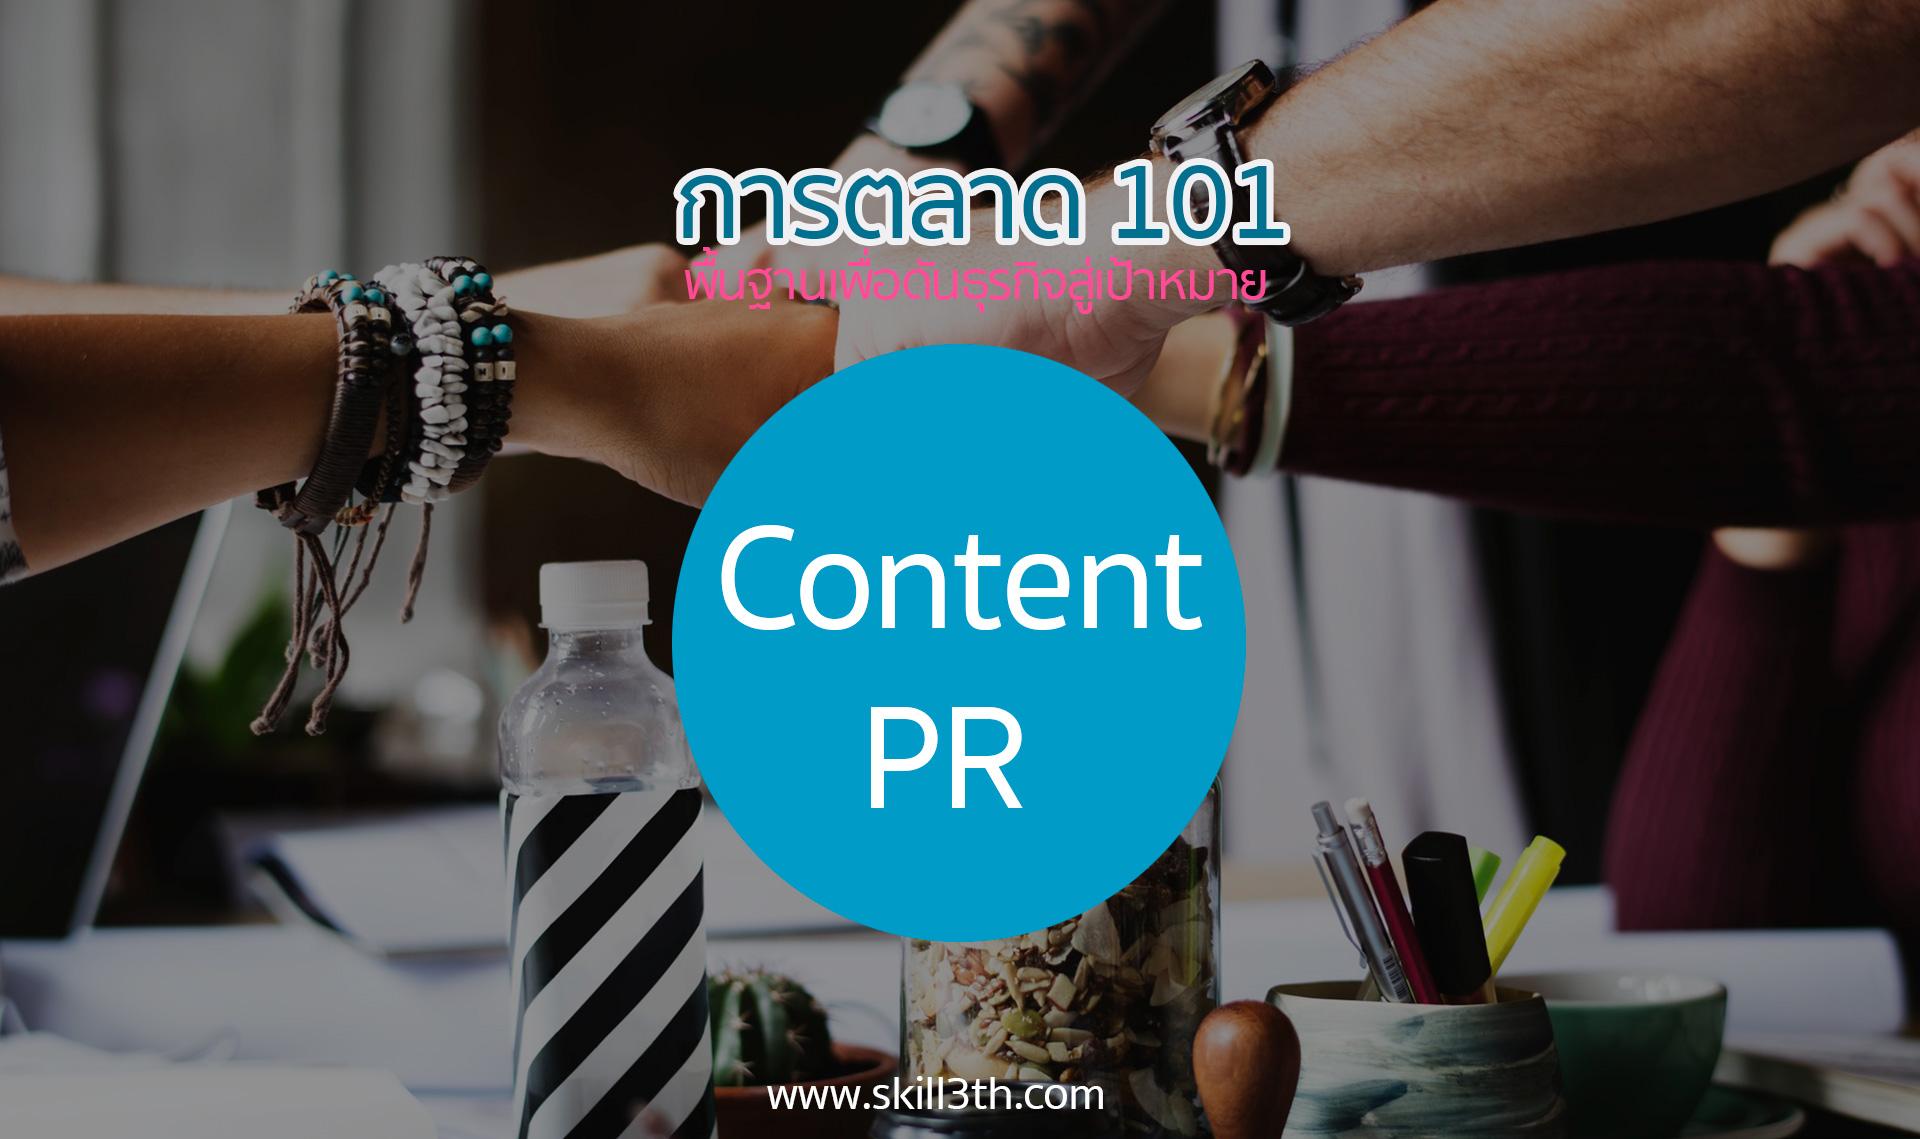 Shortcut to Content PR